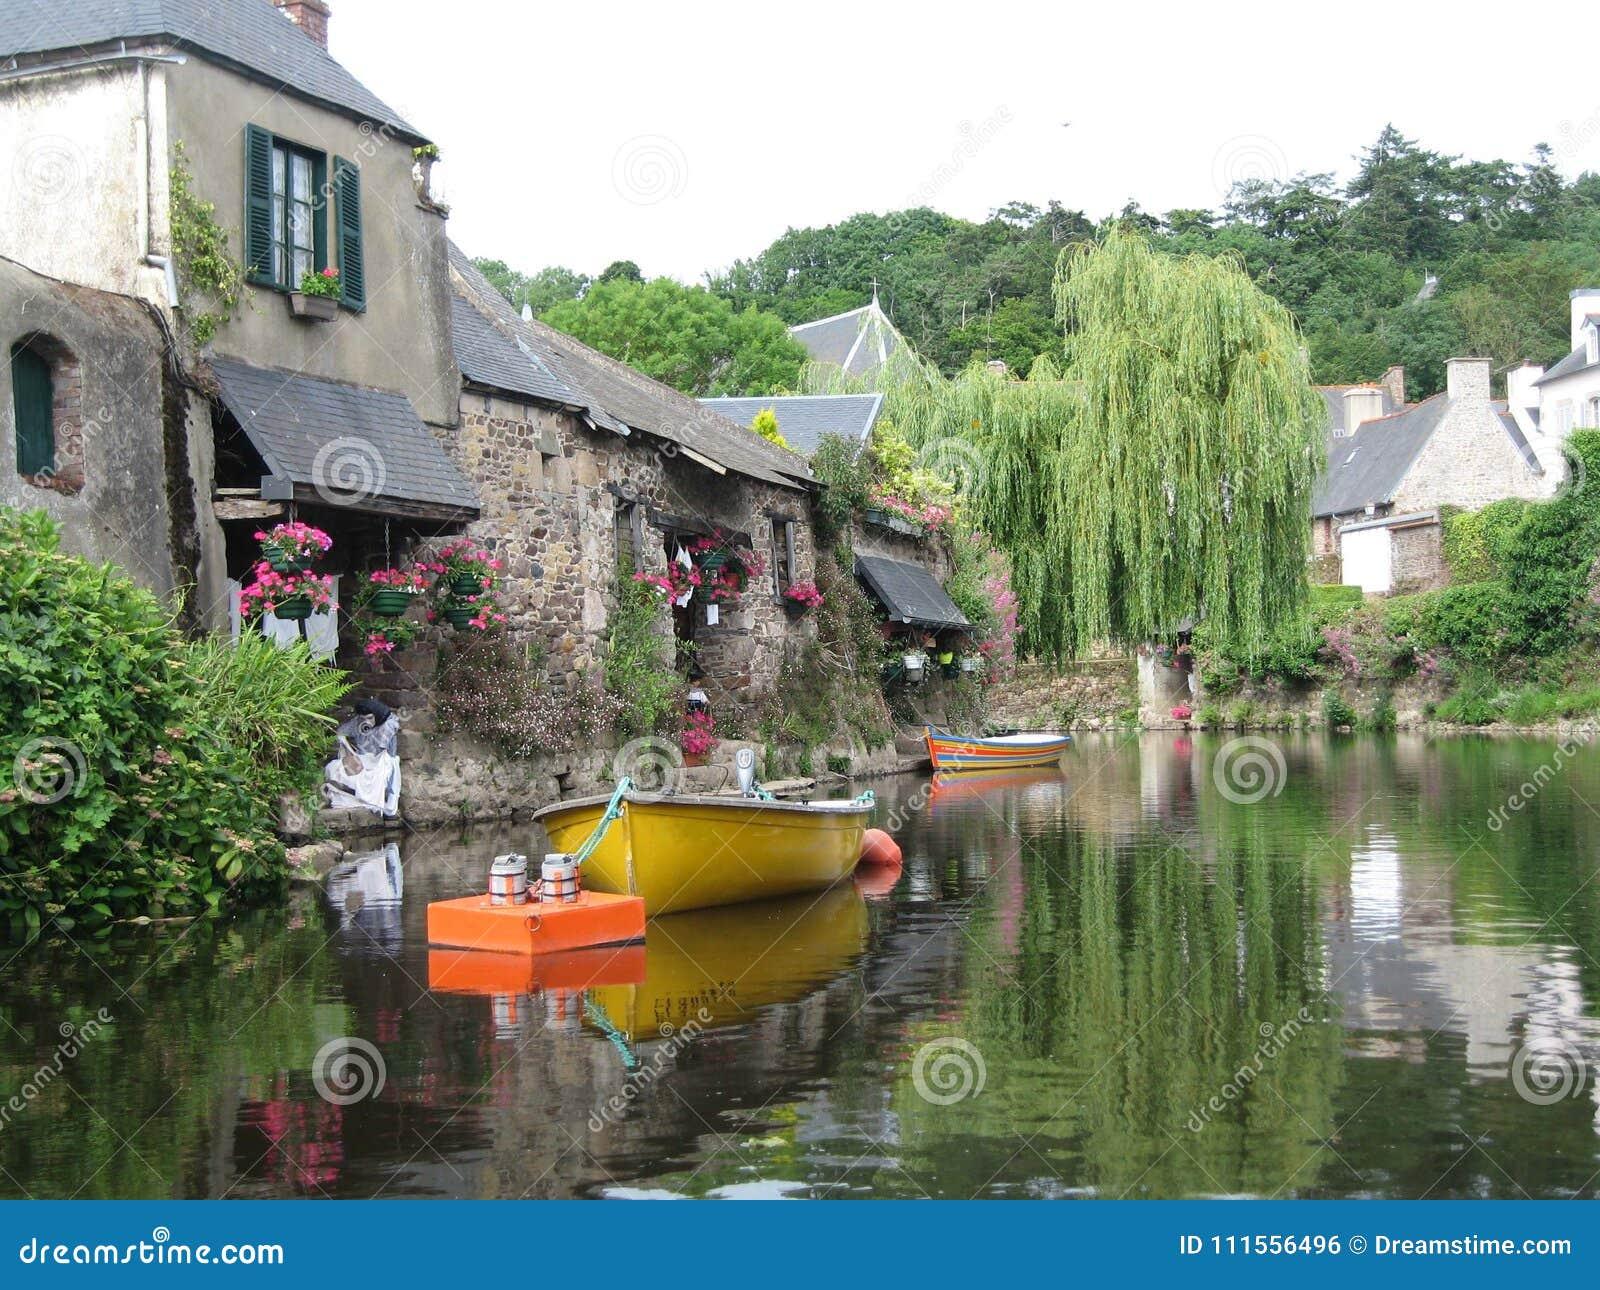 Em Brittany, visto as casas pitorescas com suas fachadas floridos